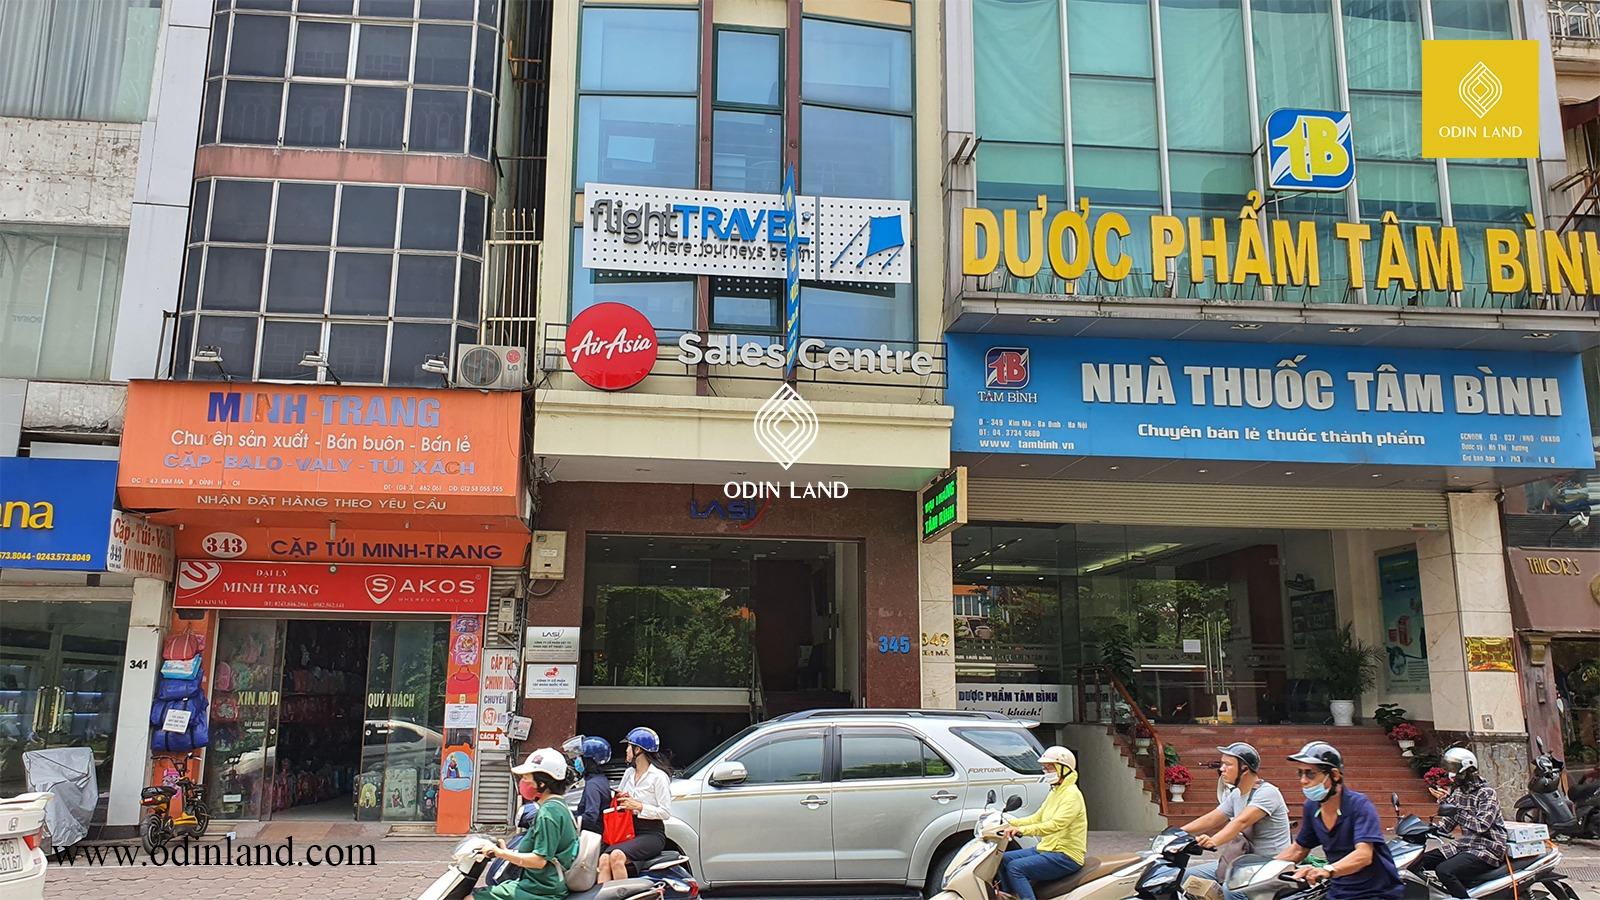 Van Phong Cho Thue Toa Nha Lasi 8